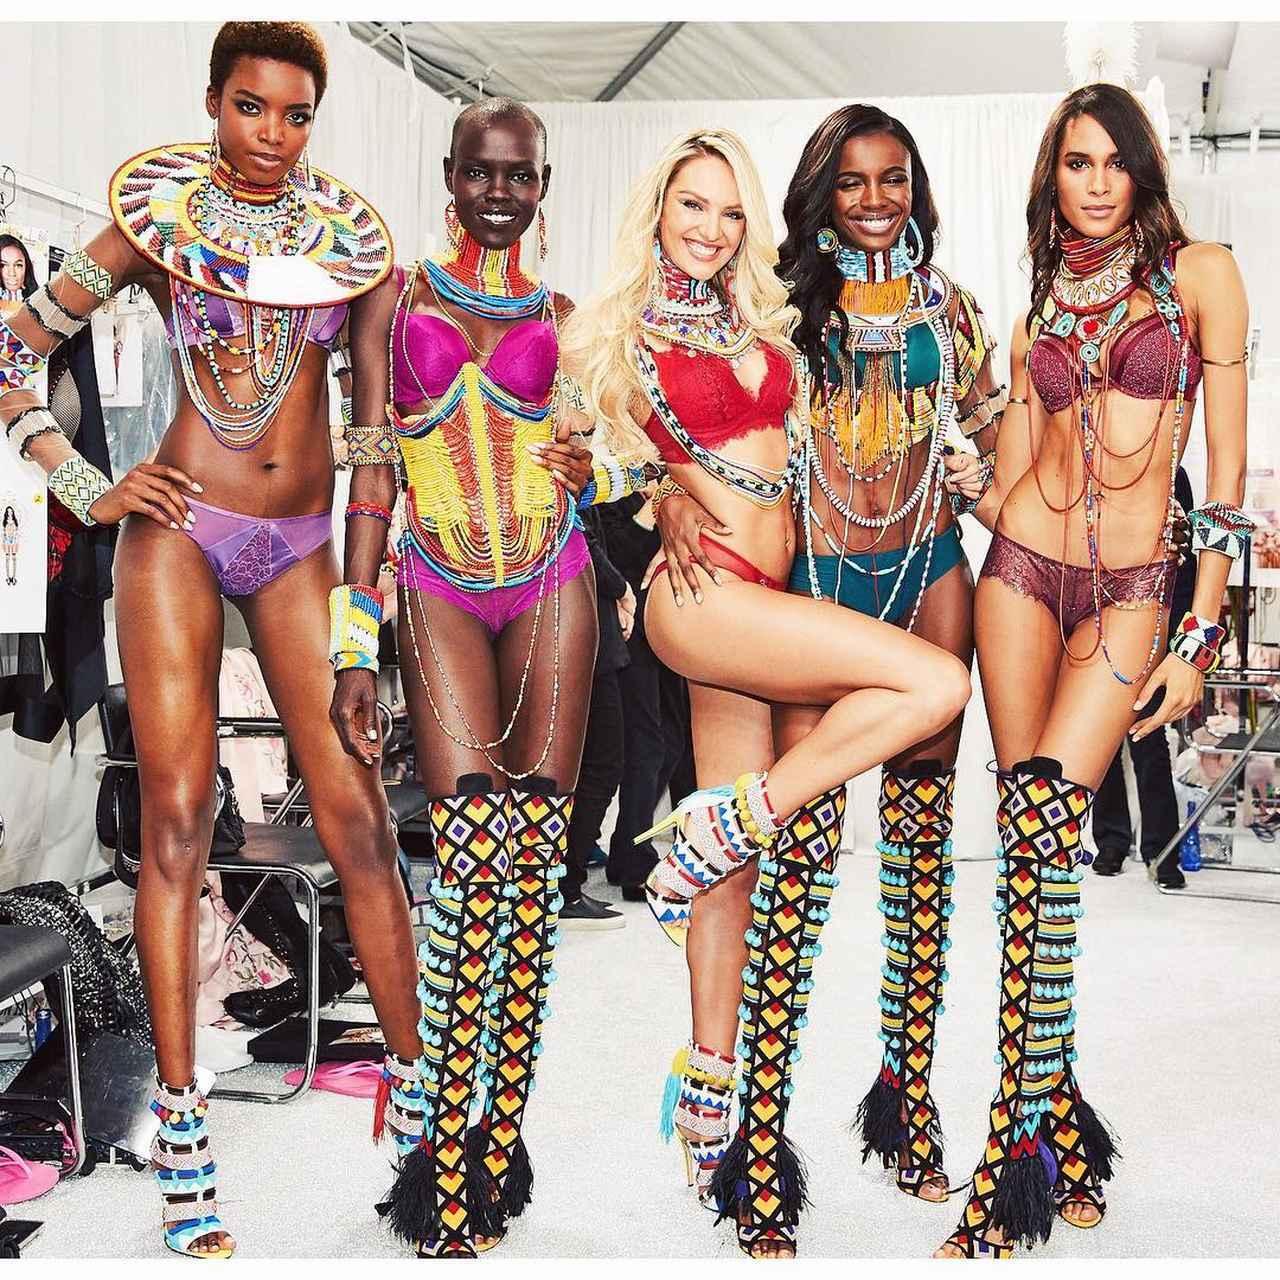 画像: キャンディスは、「これぞモデル」というひざクイポーズを披露。 ©Candice Swanepoel